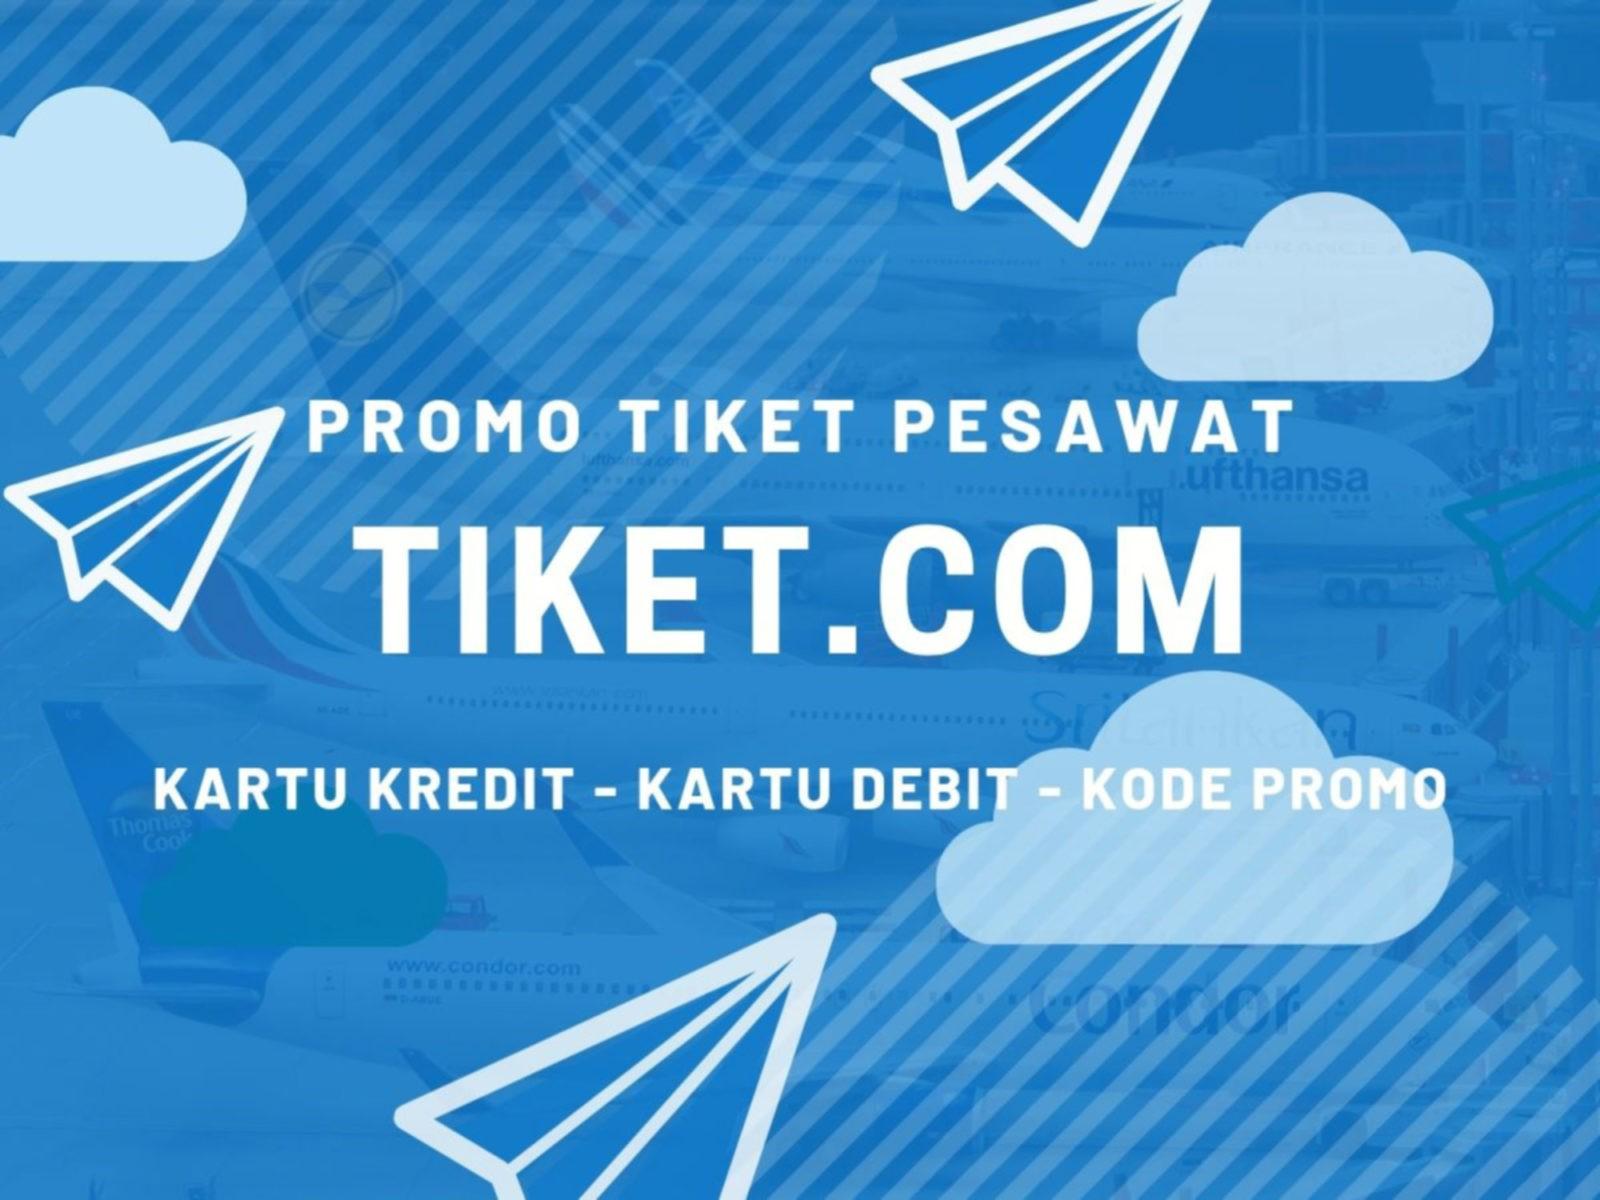 Promo Tiket Com Tiket Pesawat Diskon Rp100 000 Travelspromo